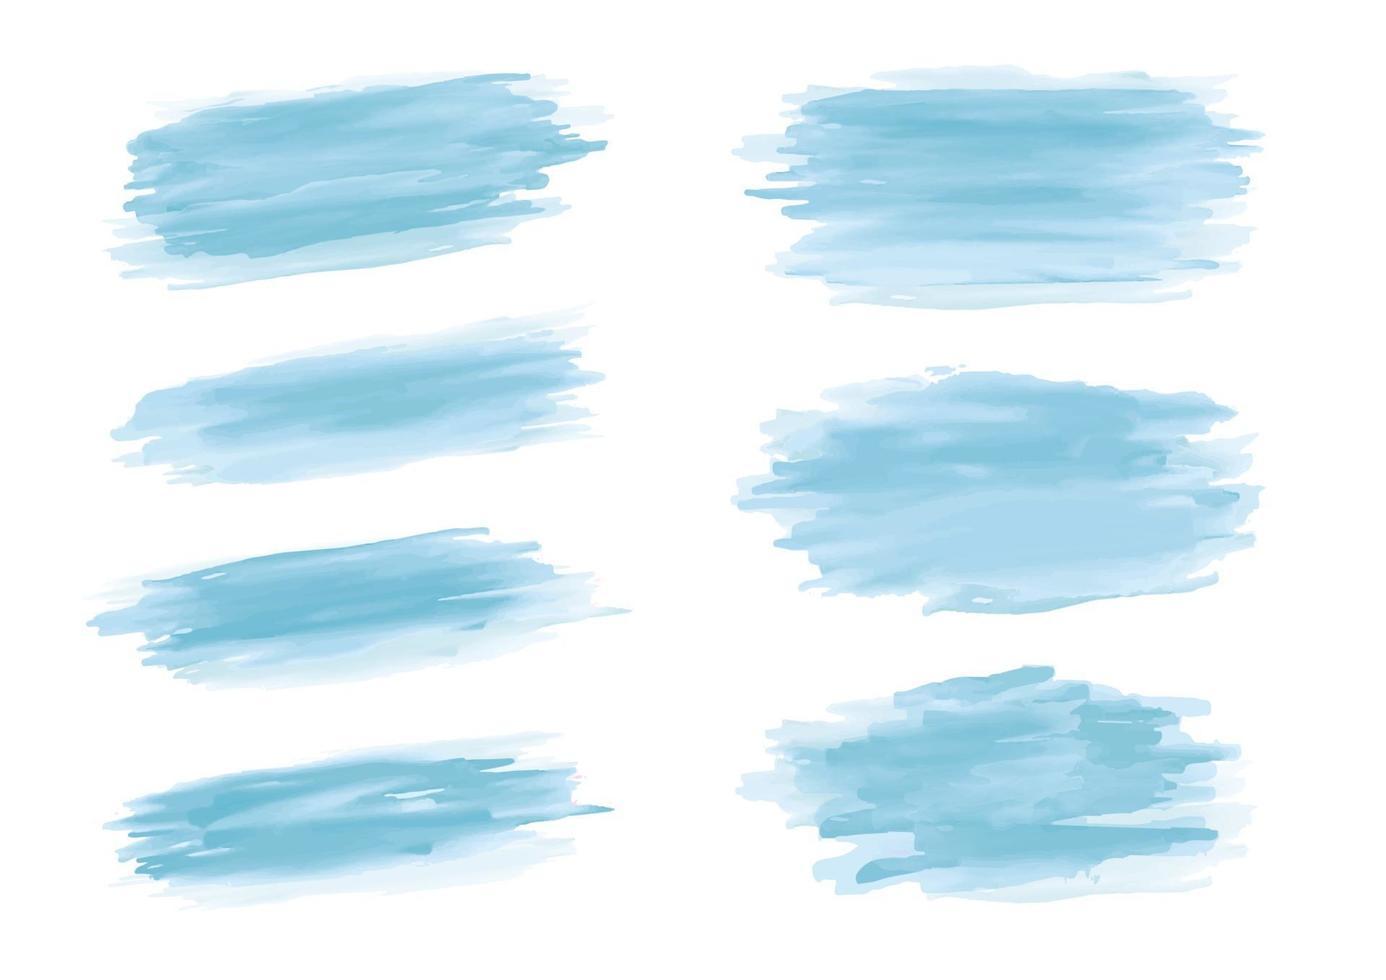 Trazo de pincel de acuarela azul sobre fondo blanco ilustración vectorial vector